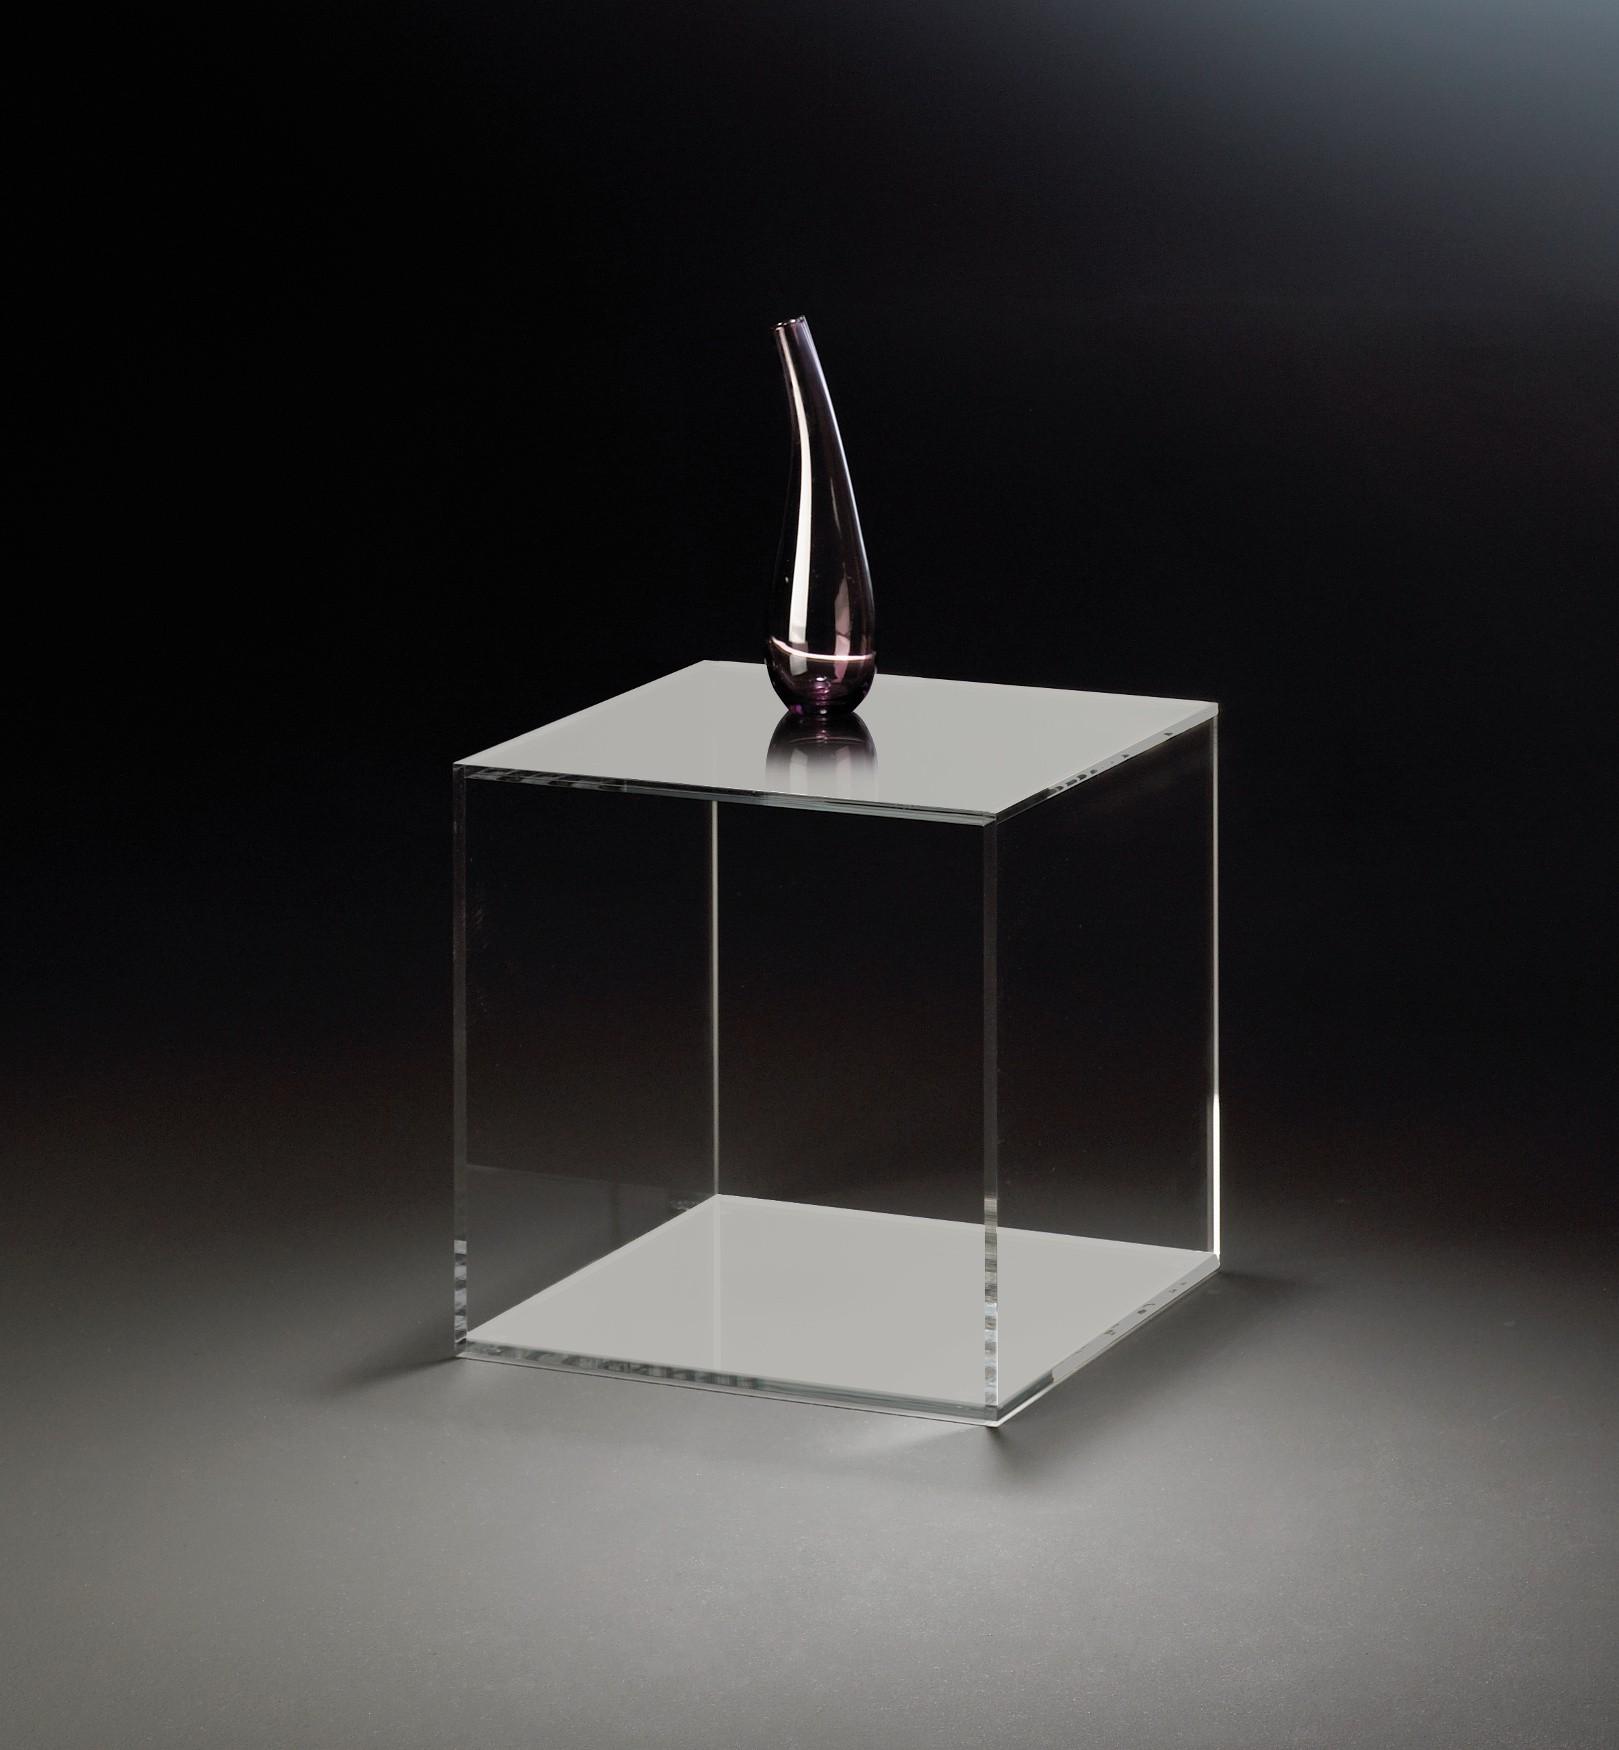 acrylglas gnstig top schaukasten acrylglas drehtr fr x. Black Bedroom Furniture Sets. Home Design Ideas